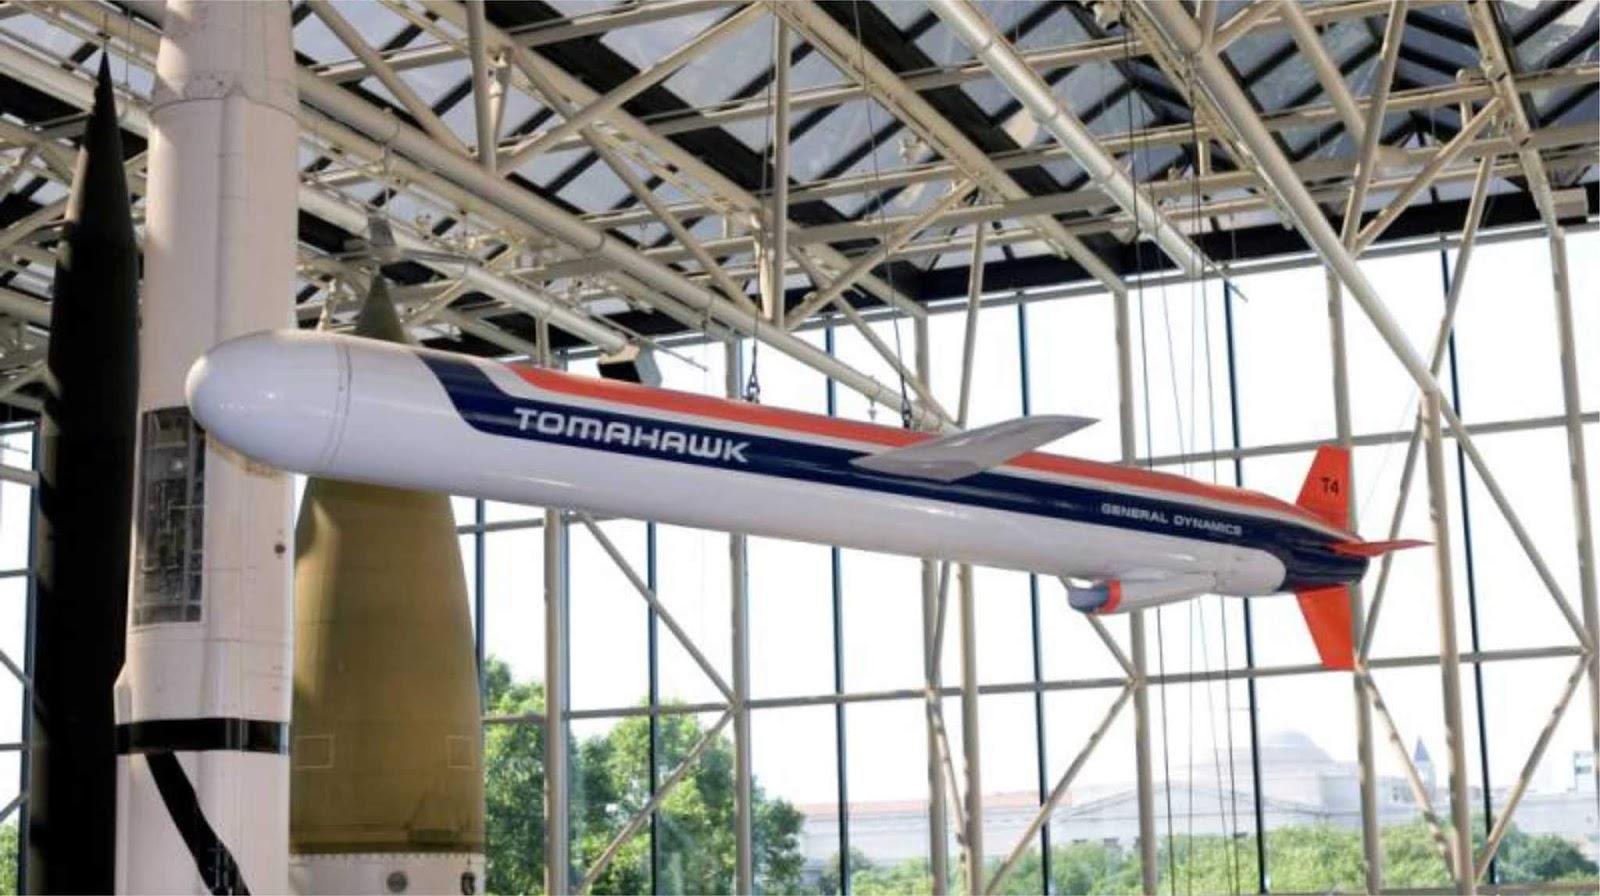 Amerika Serikat pertama kali memperkenalkan Blok Tomahawk IV di luar negeri